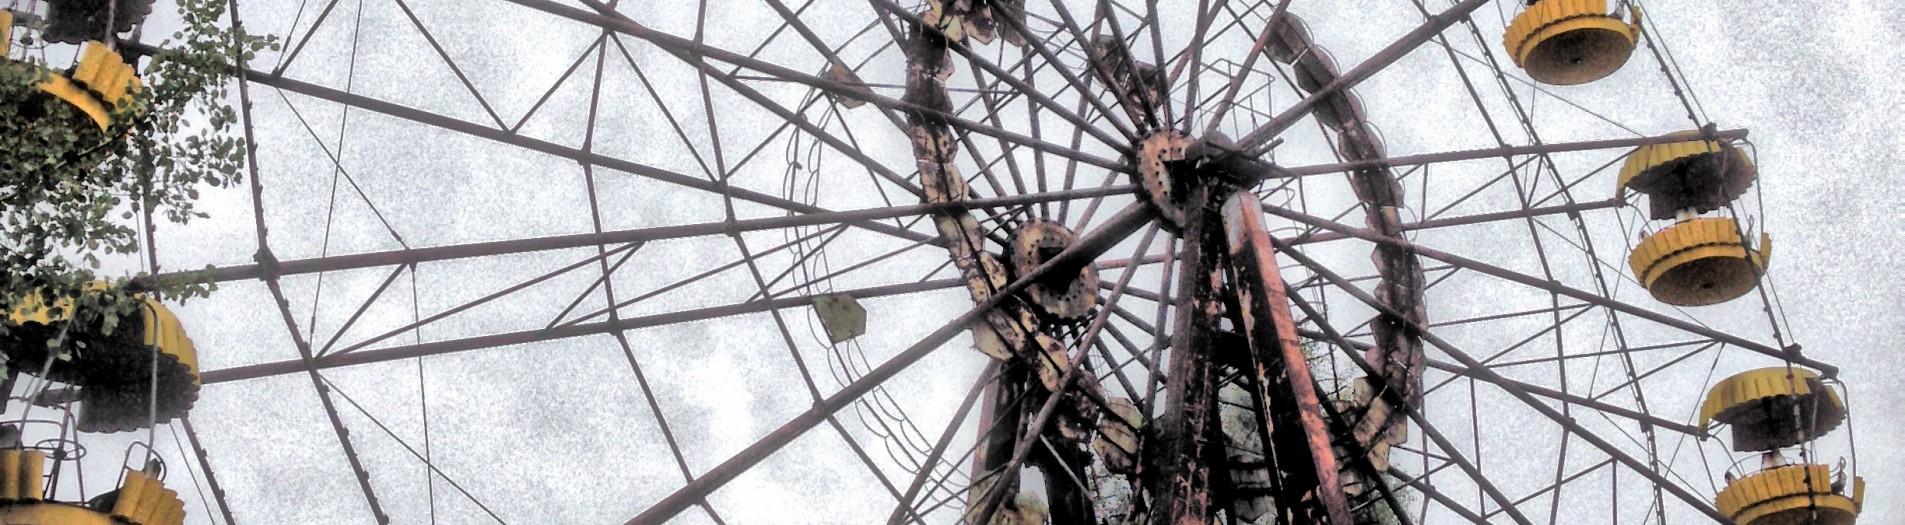 Chernobyl Series – Capítulo 10 – Día 2 – Parque de atracciones de Pripyat...